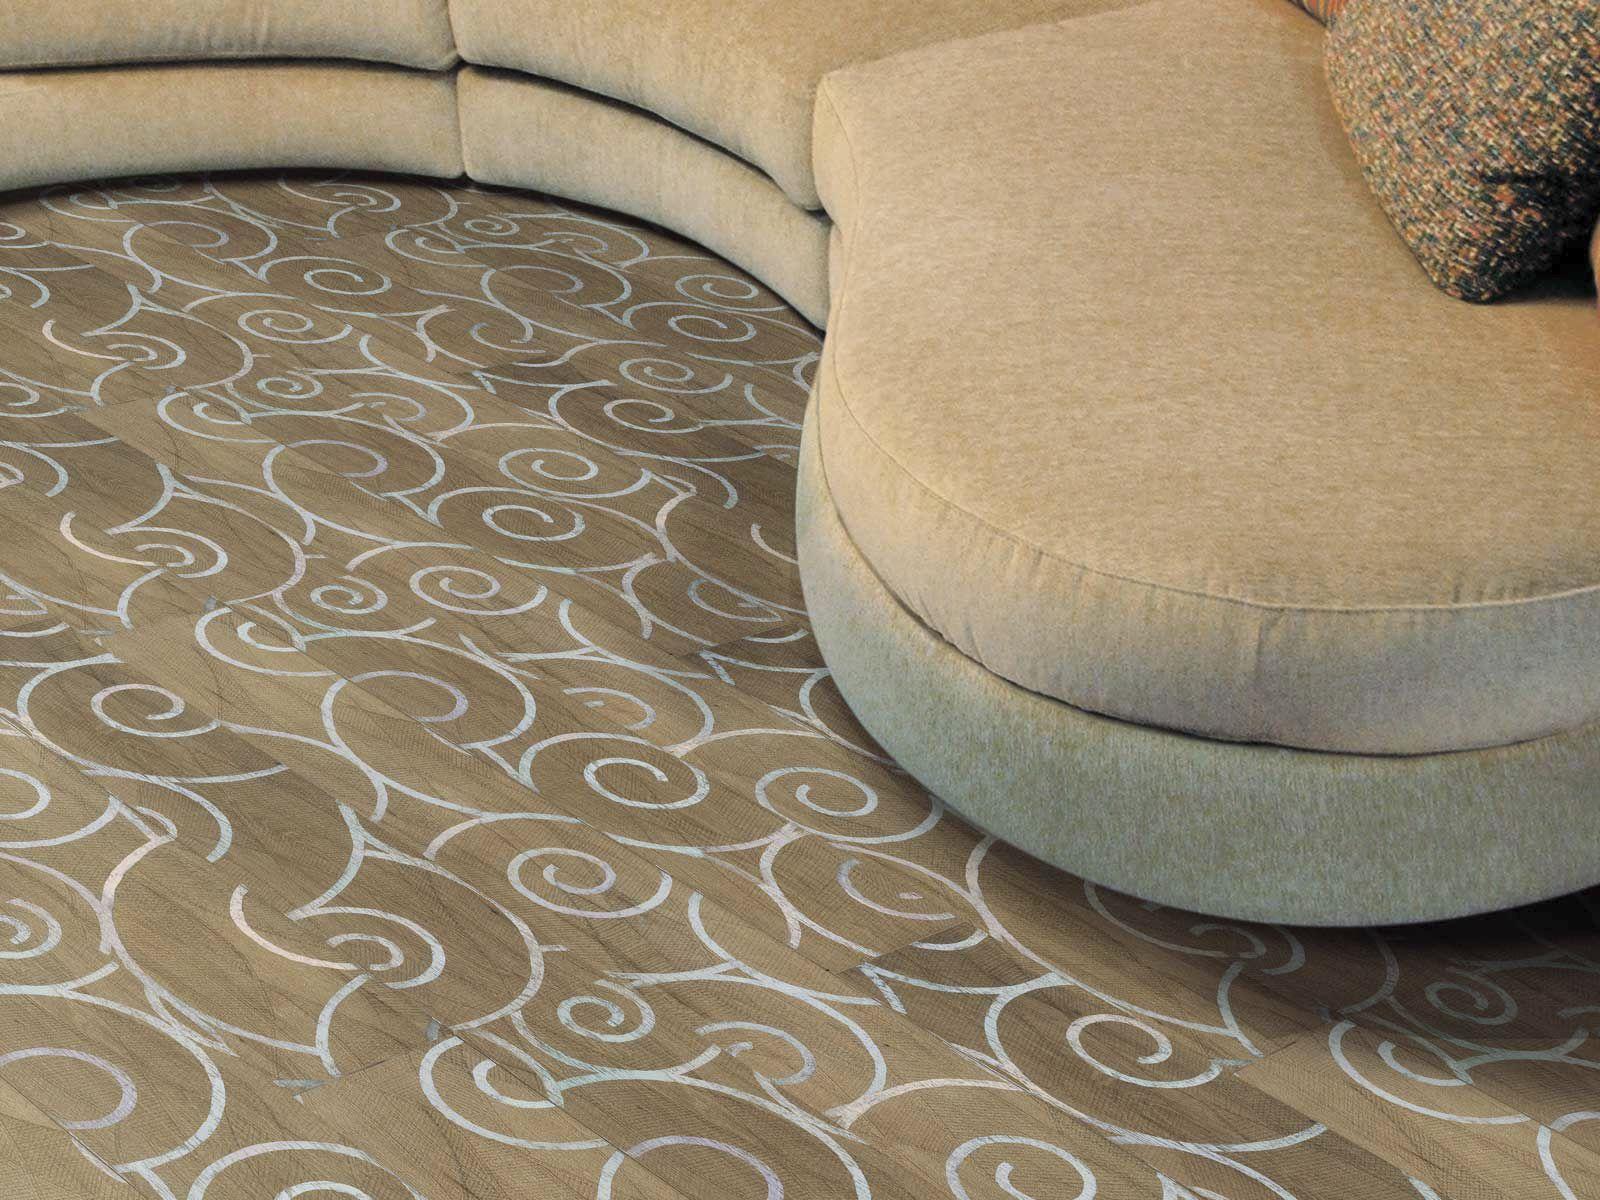 Fußboden Ideen Najwa ~ Fußboden tattoo japanische deko idee die tatami matte für den